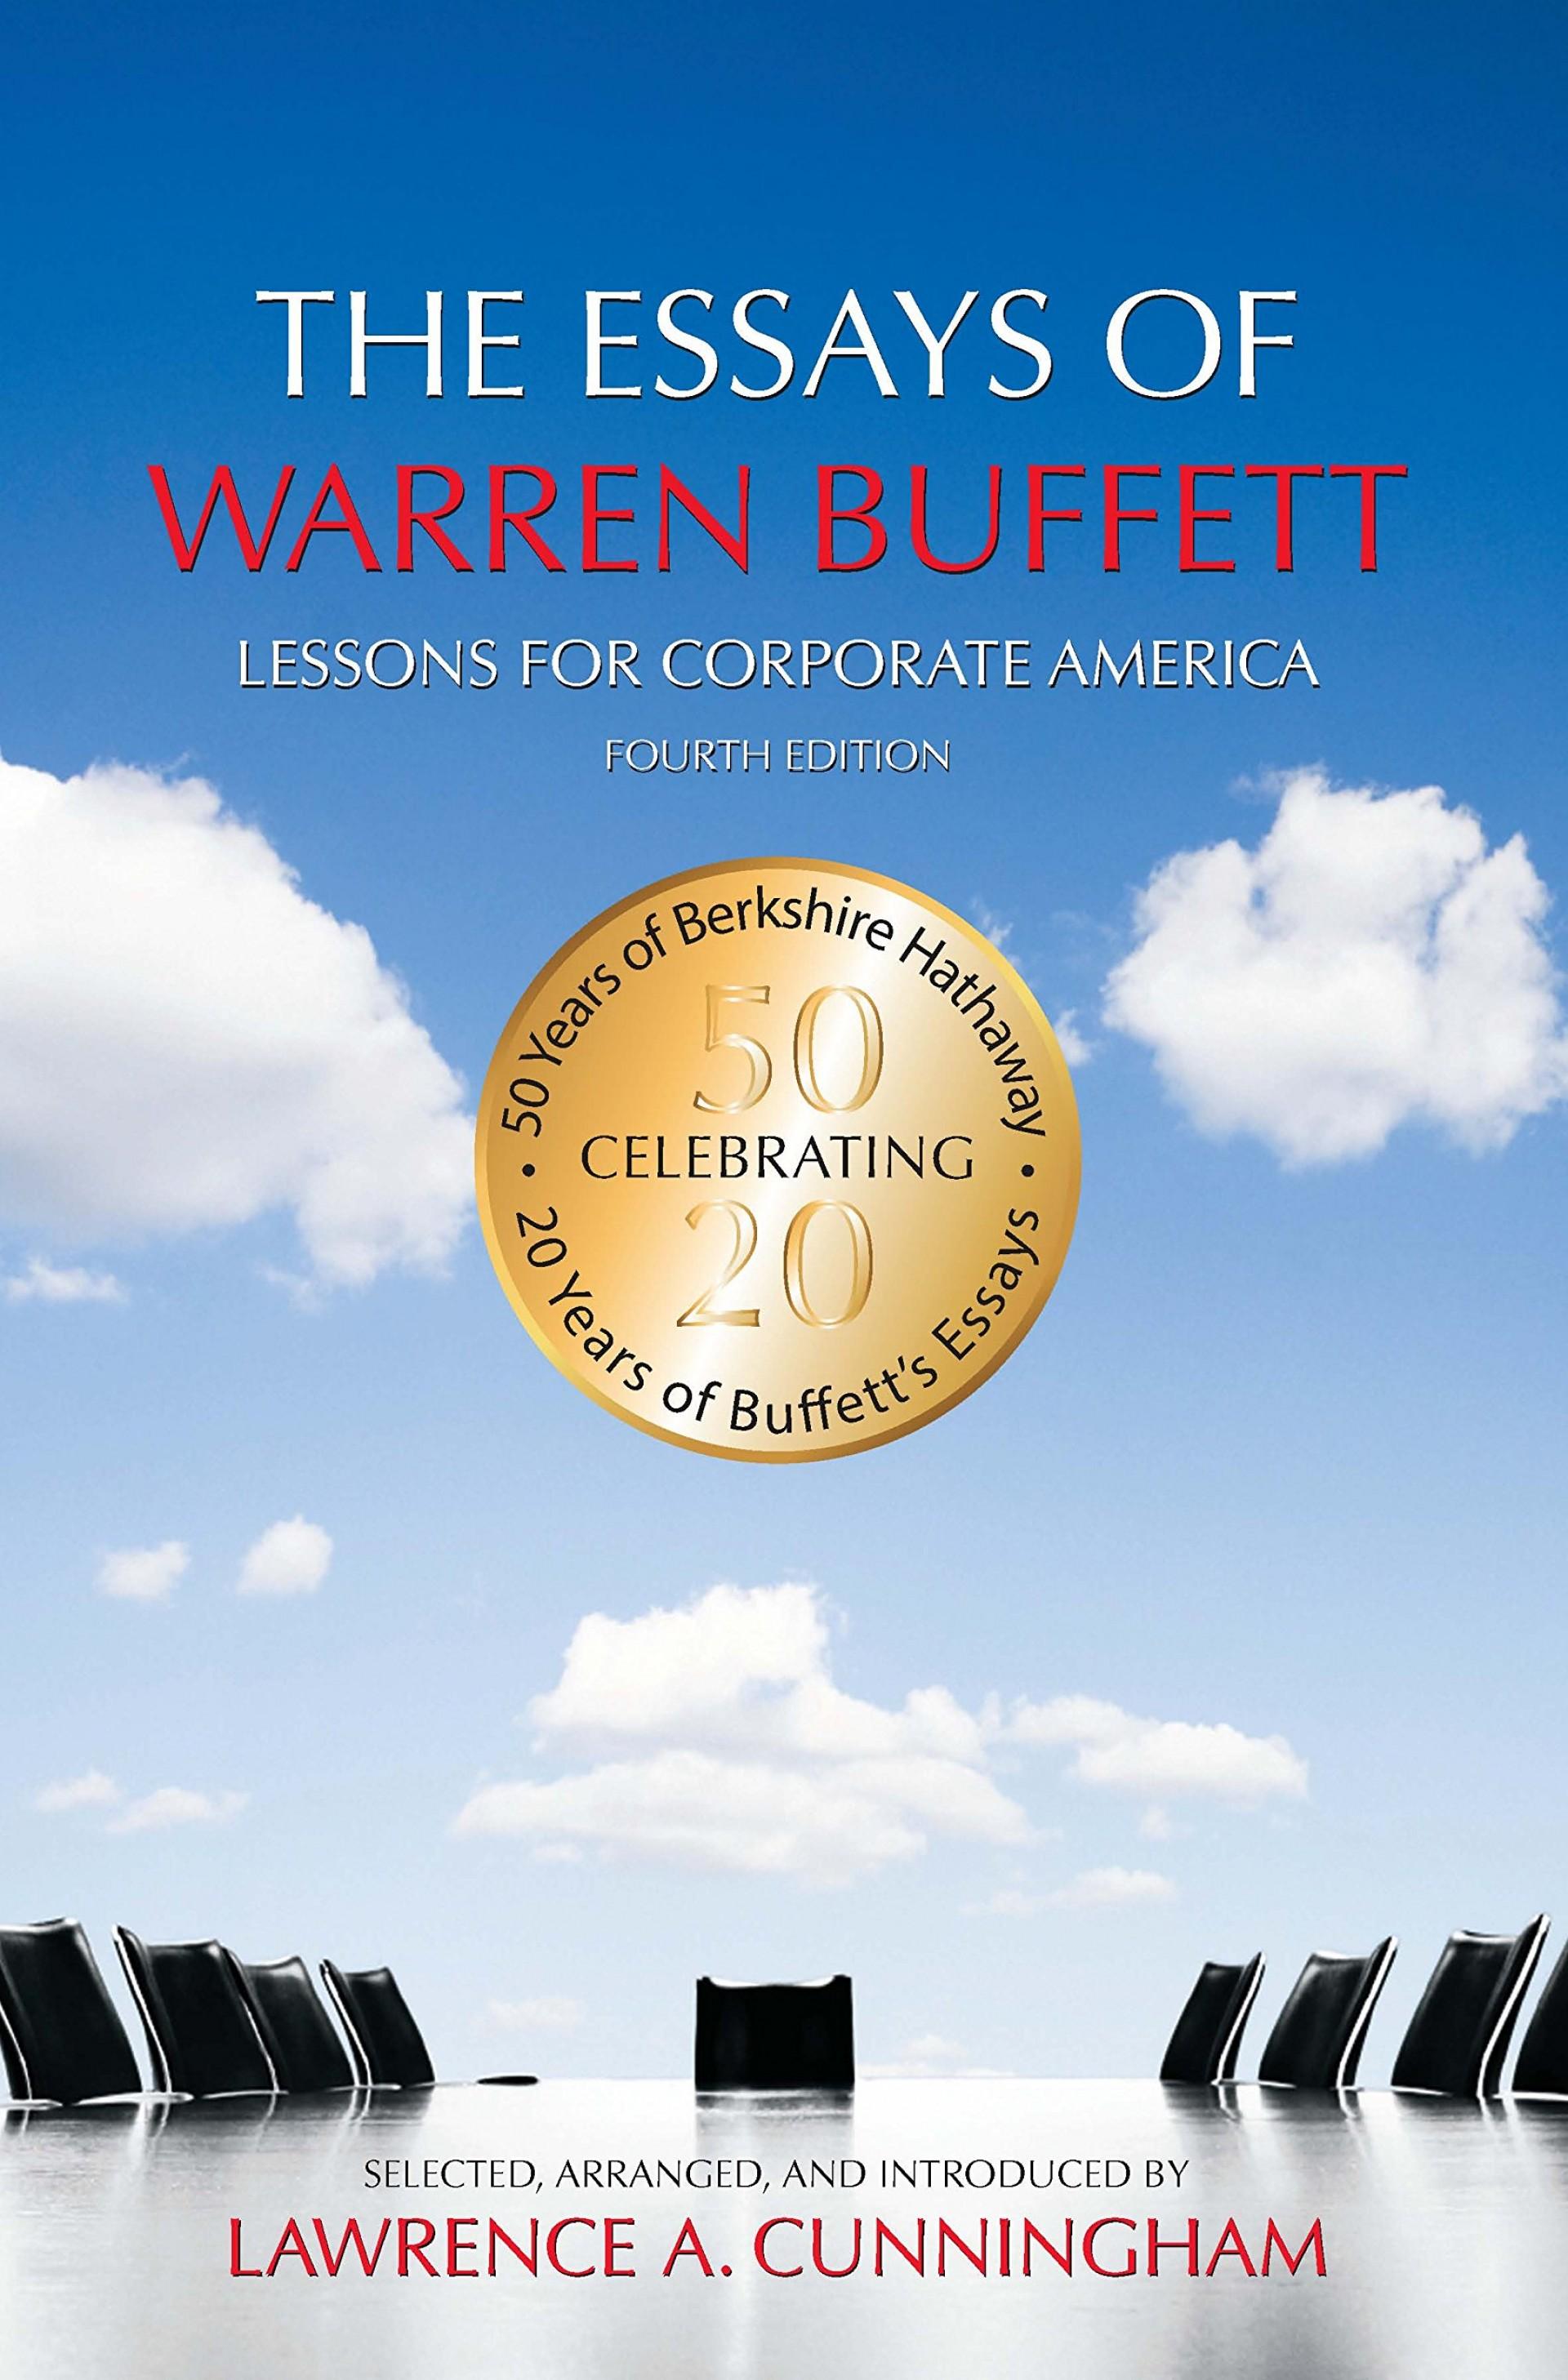 006 Die Essays Von Warren Buffett Essay Example Archaicawful Pdf 1920